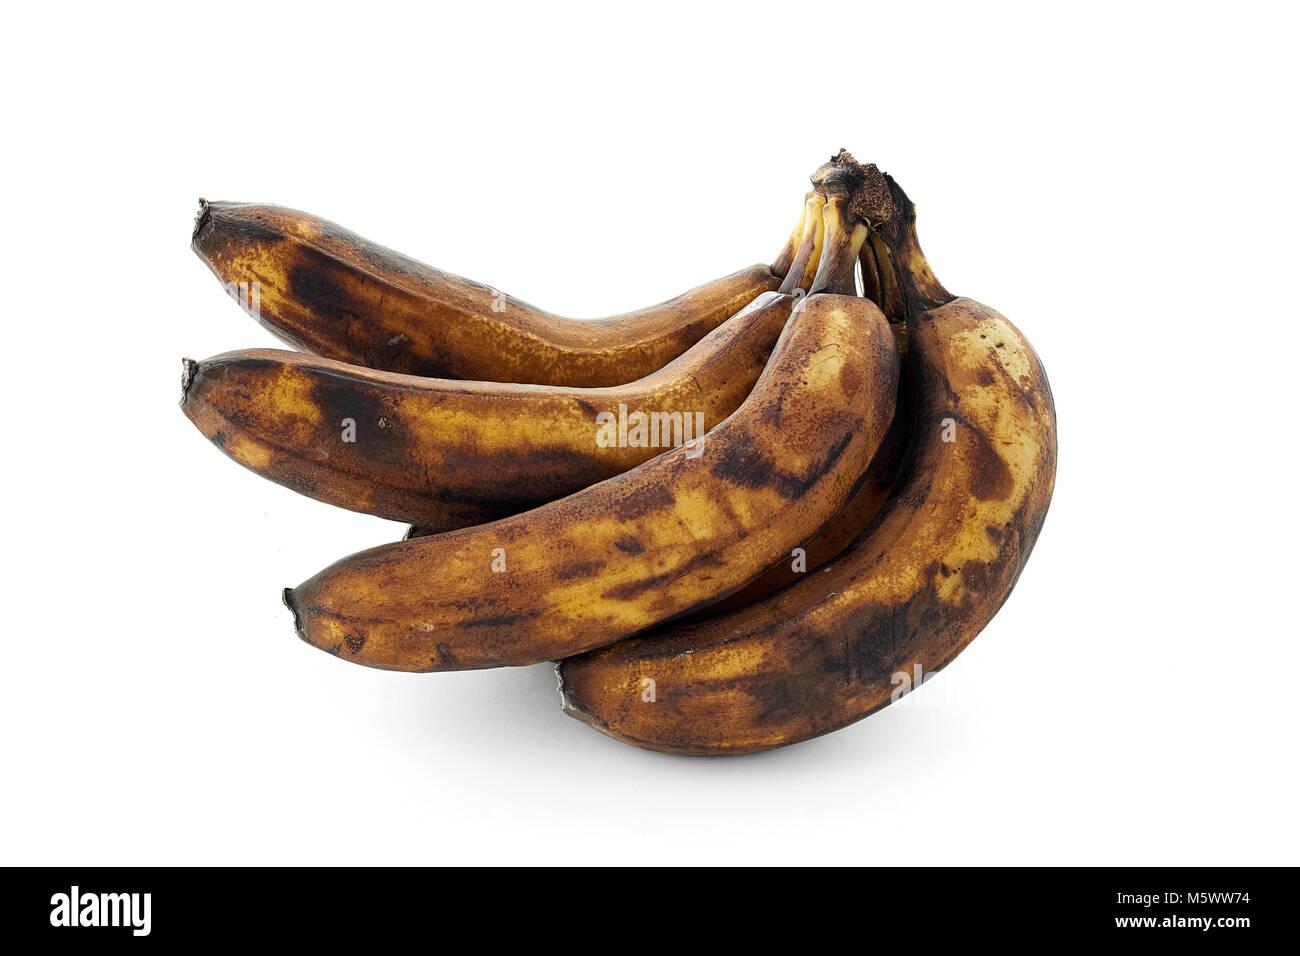 spoiled banana isolated on white background isolated - Stock Image